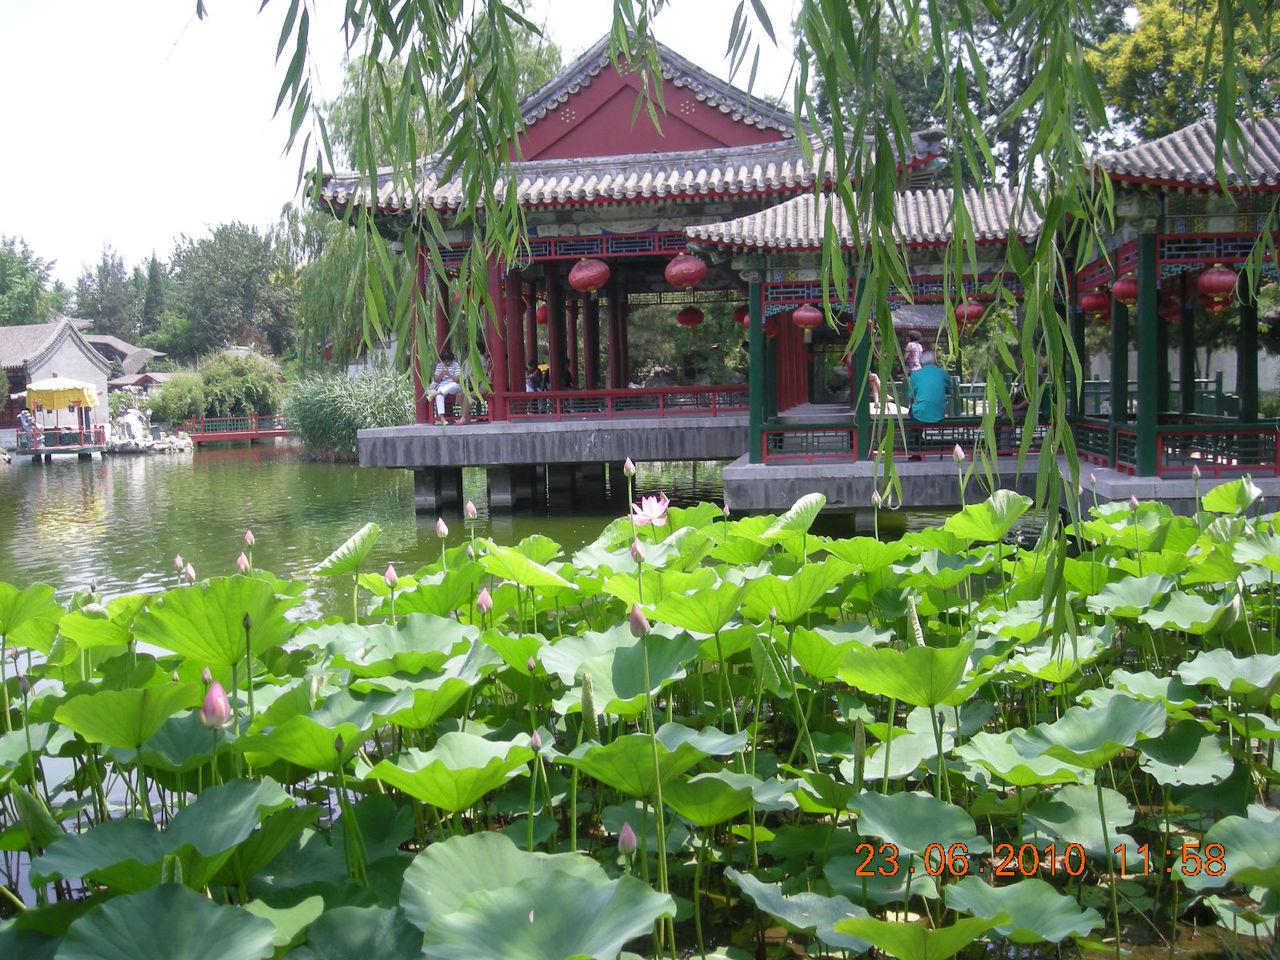 苏州,不止一条河(4)(带你走入园林世界) - sijiaduba - 私家读吧